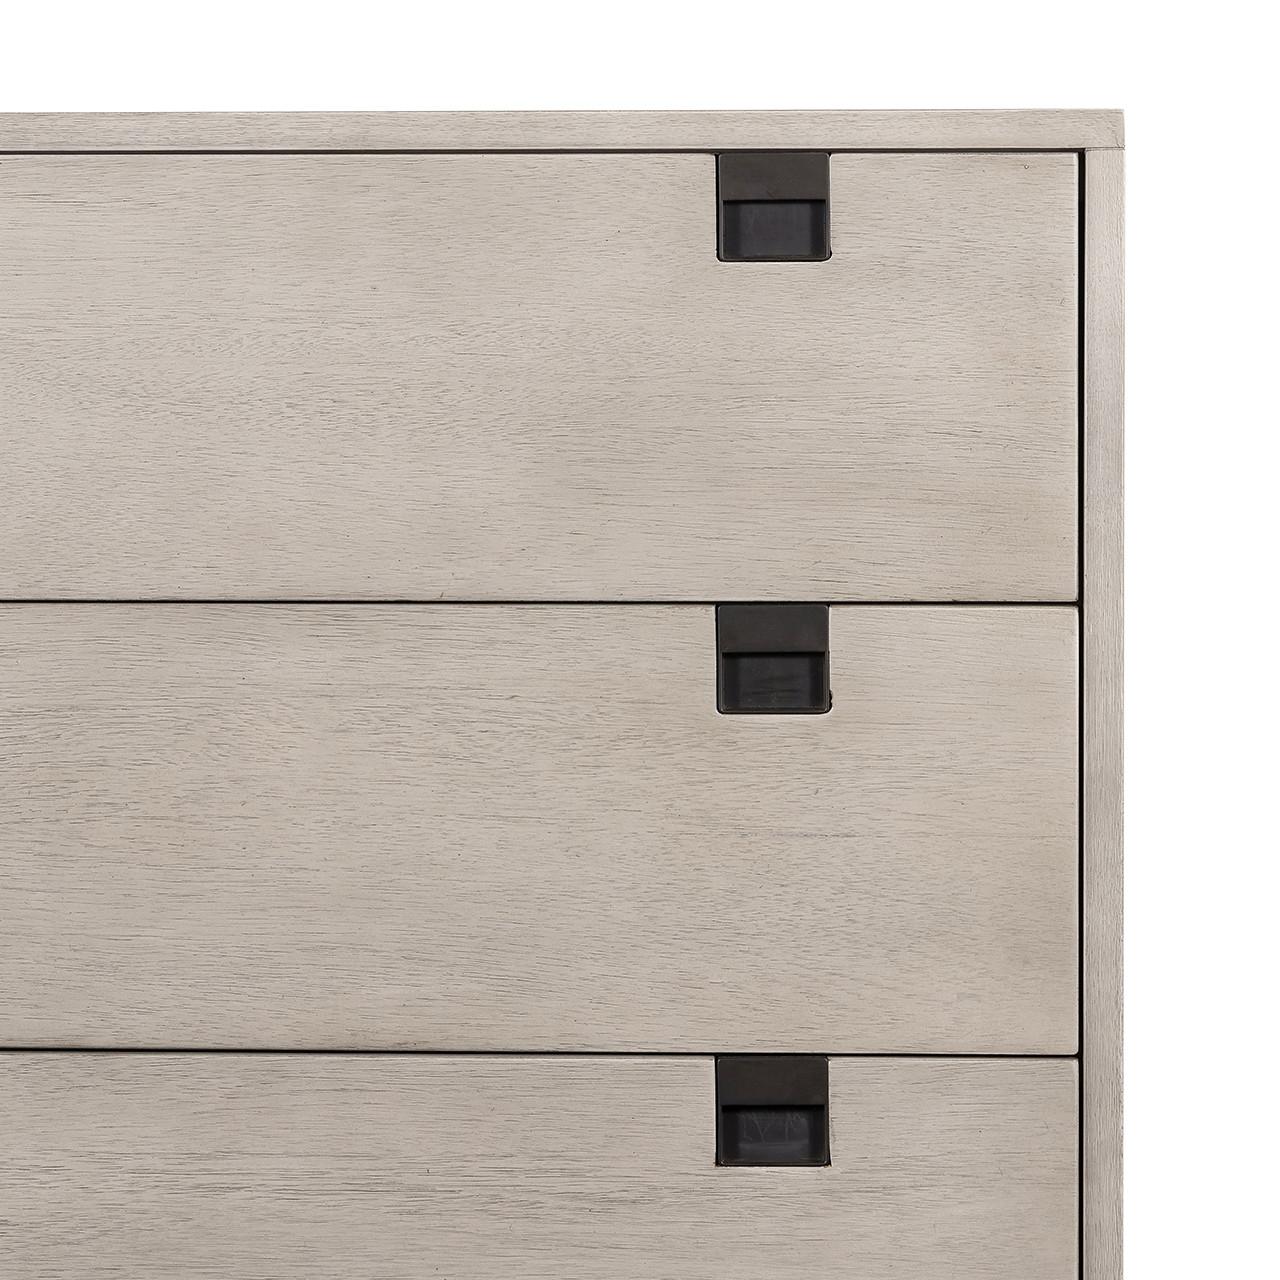 Bryce 5 Drawer Dresser - Grey Wash